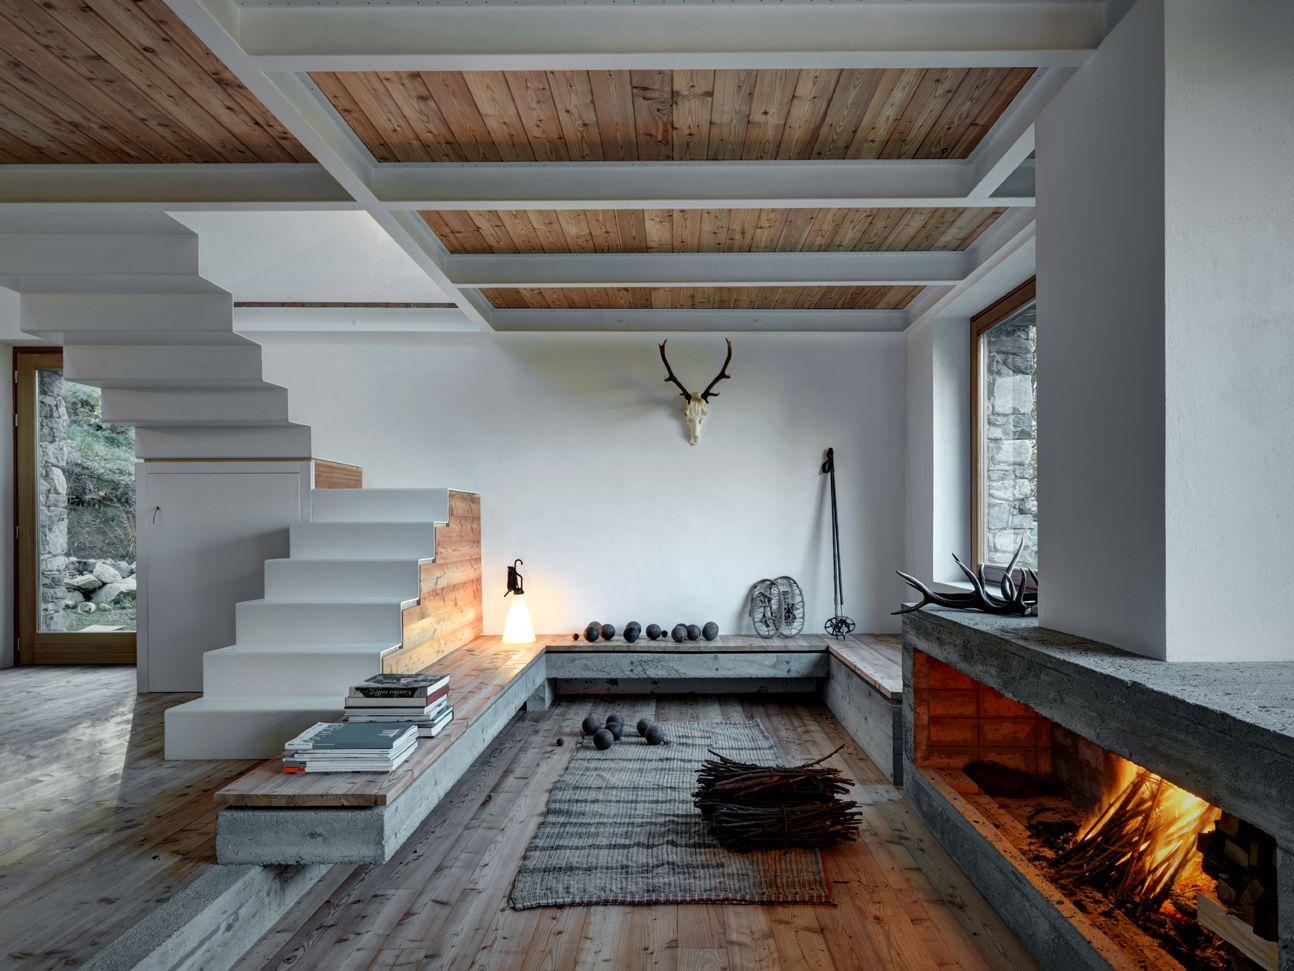 Pianta Soggiorno ~ Open space in stile eclettico il grande ambiente centrale a pianta